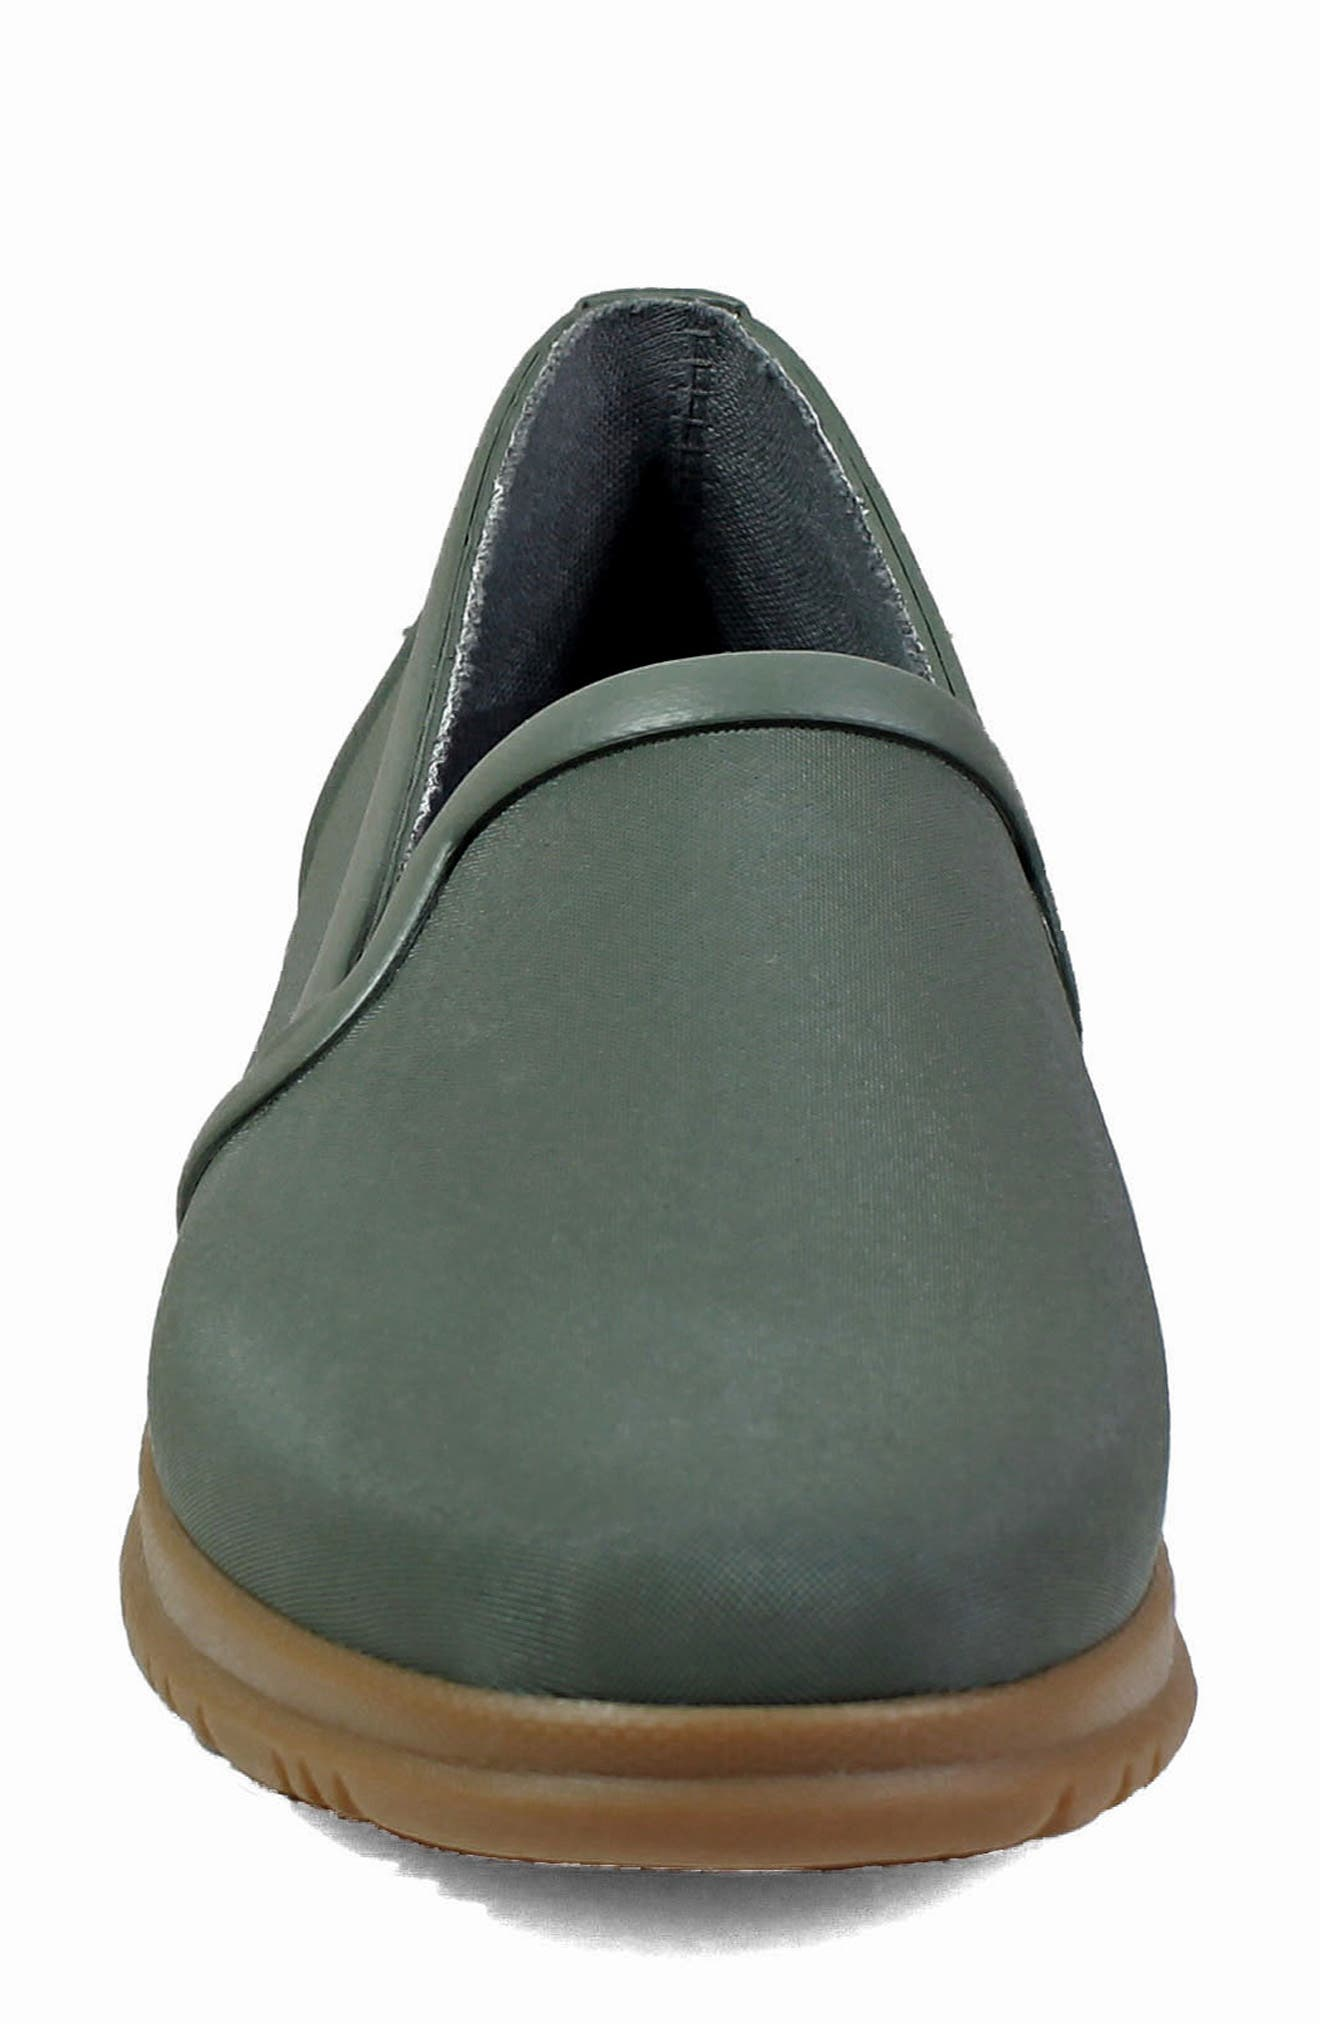 BOGS,                             Sweetpea Waterproof Slip-On Sneaker,                             Alternate thumbnail 4, color,                             SAGE